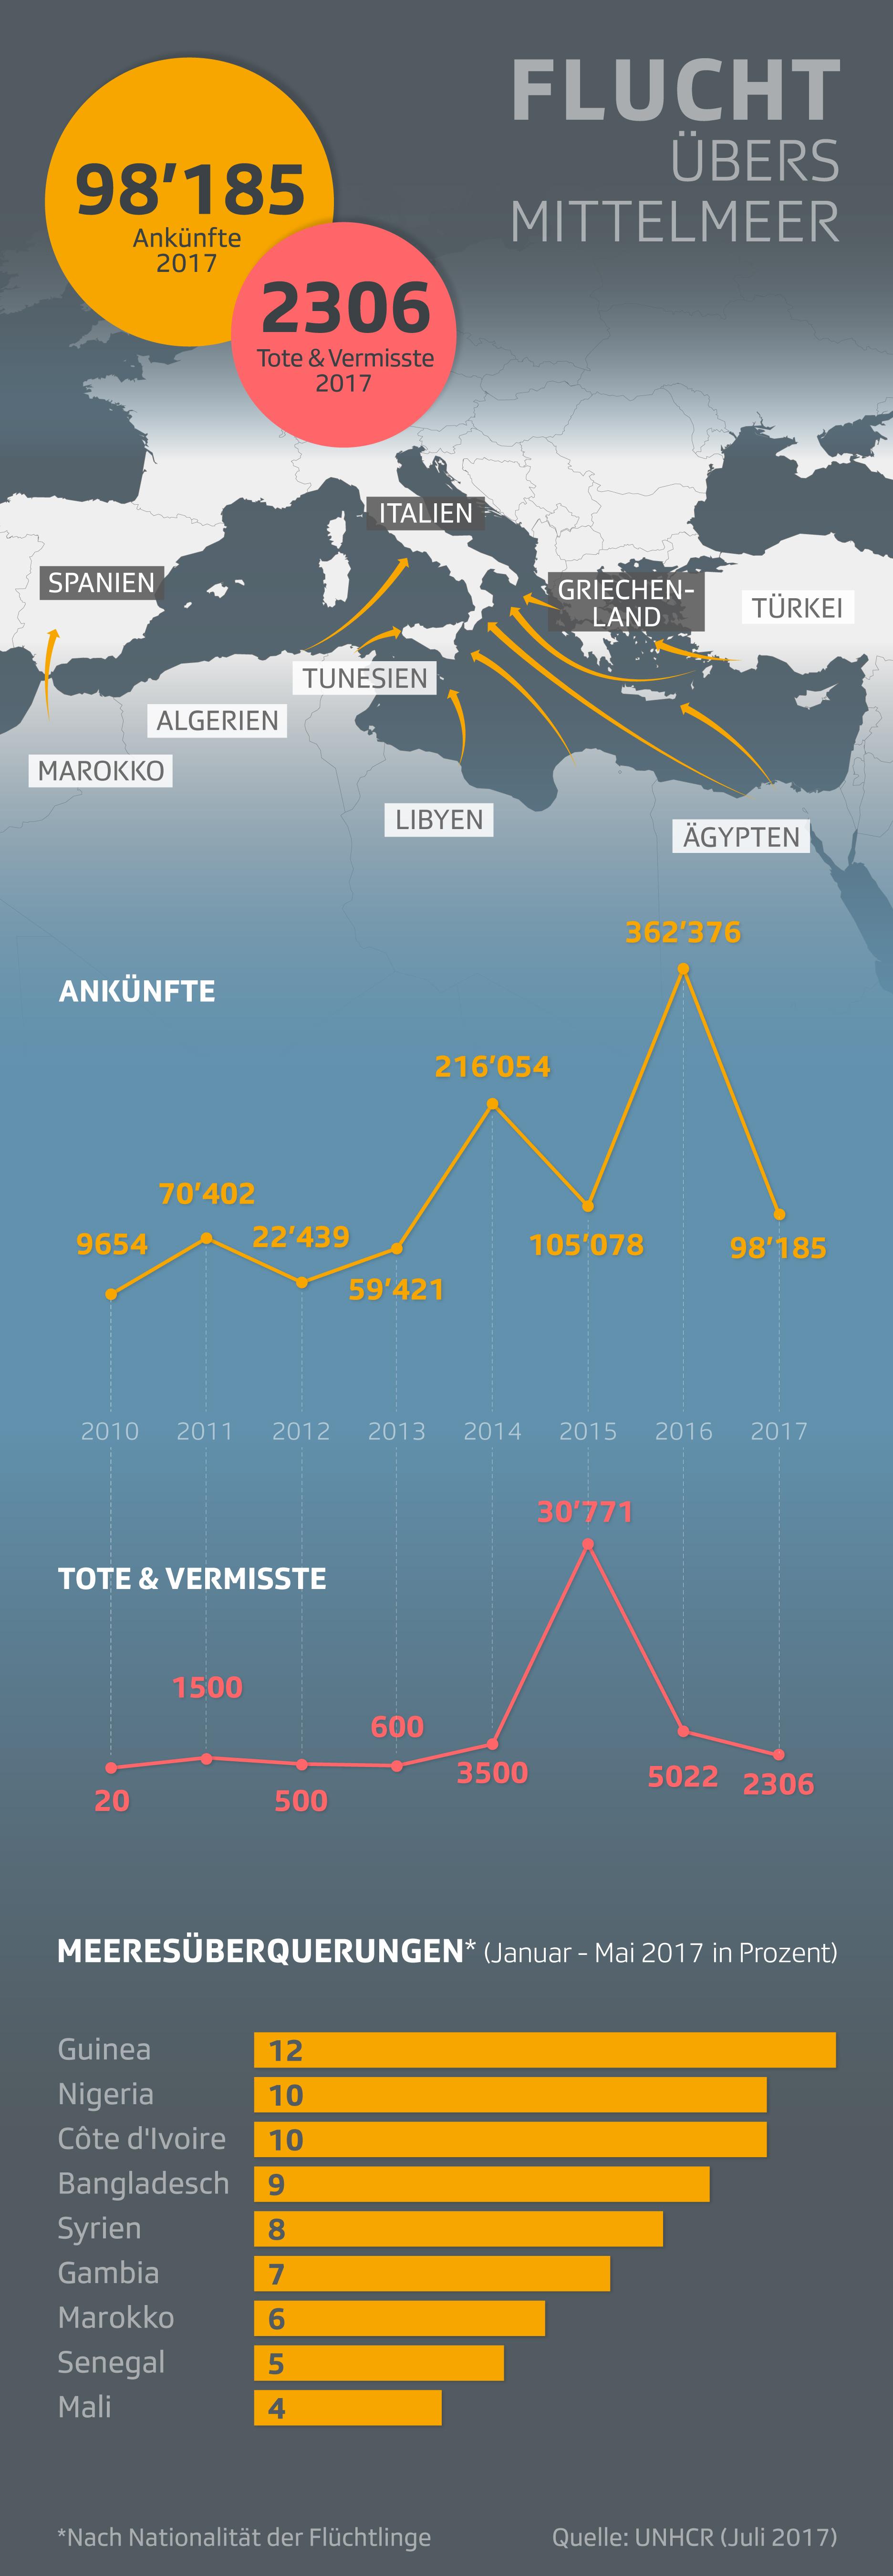 Infografik: Flucht Mittelmeer